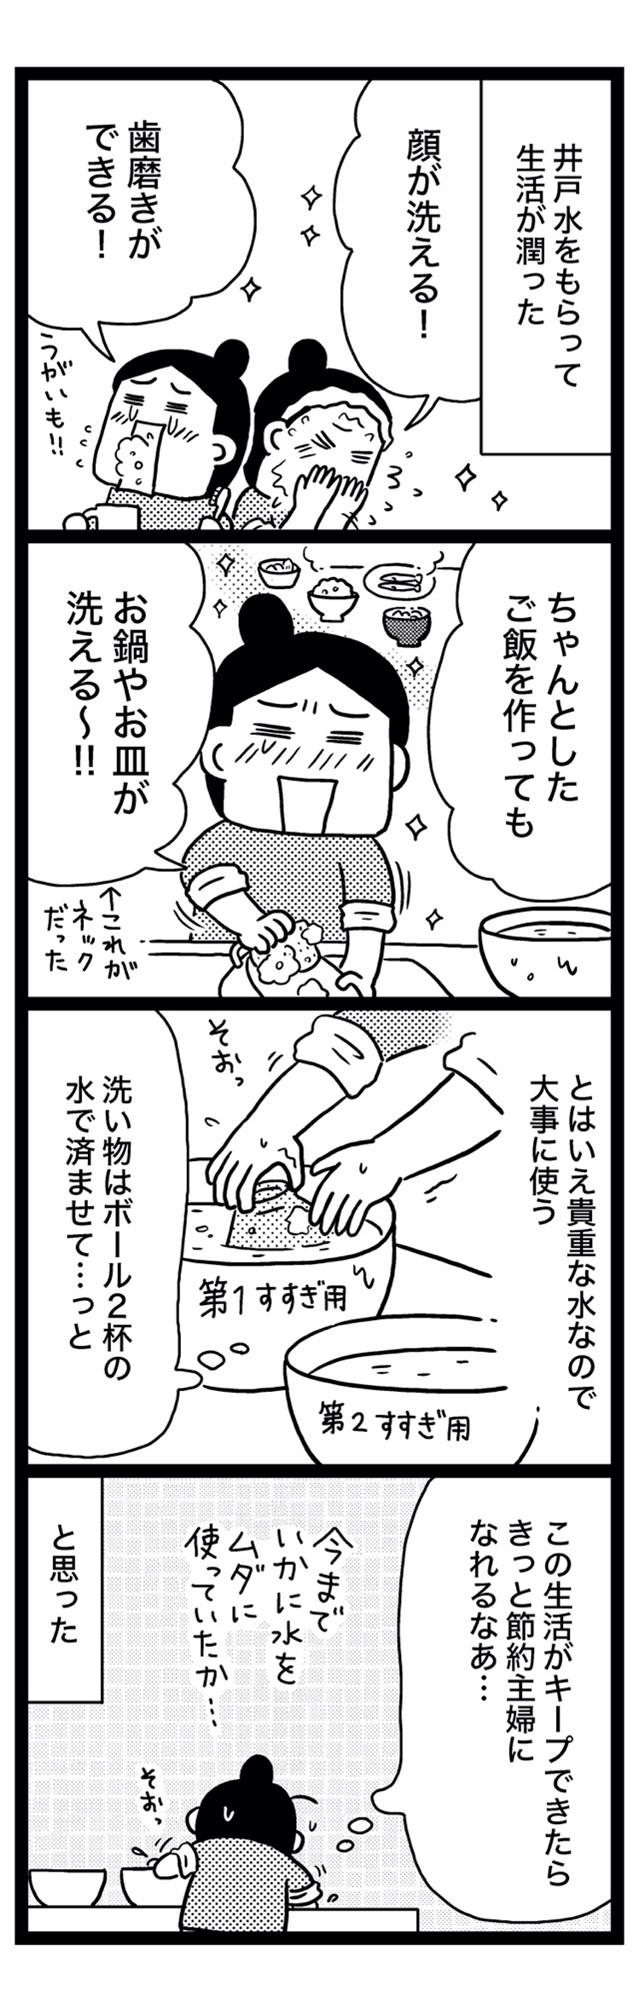 sinsai3-8